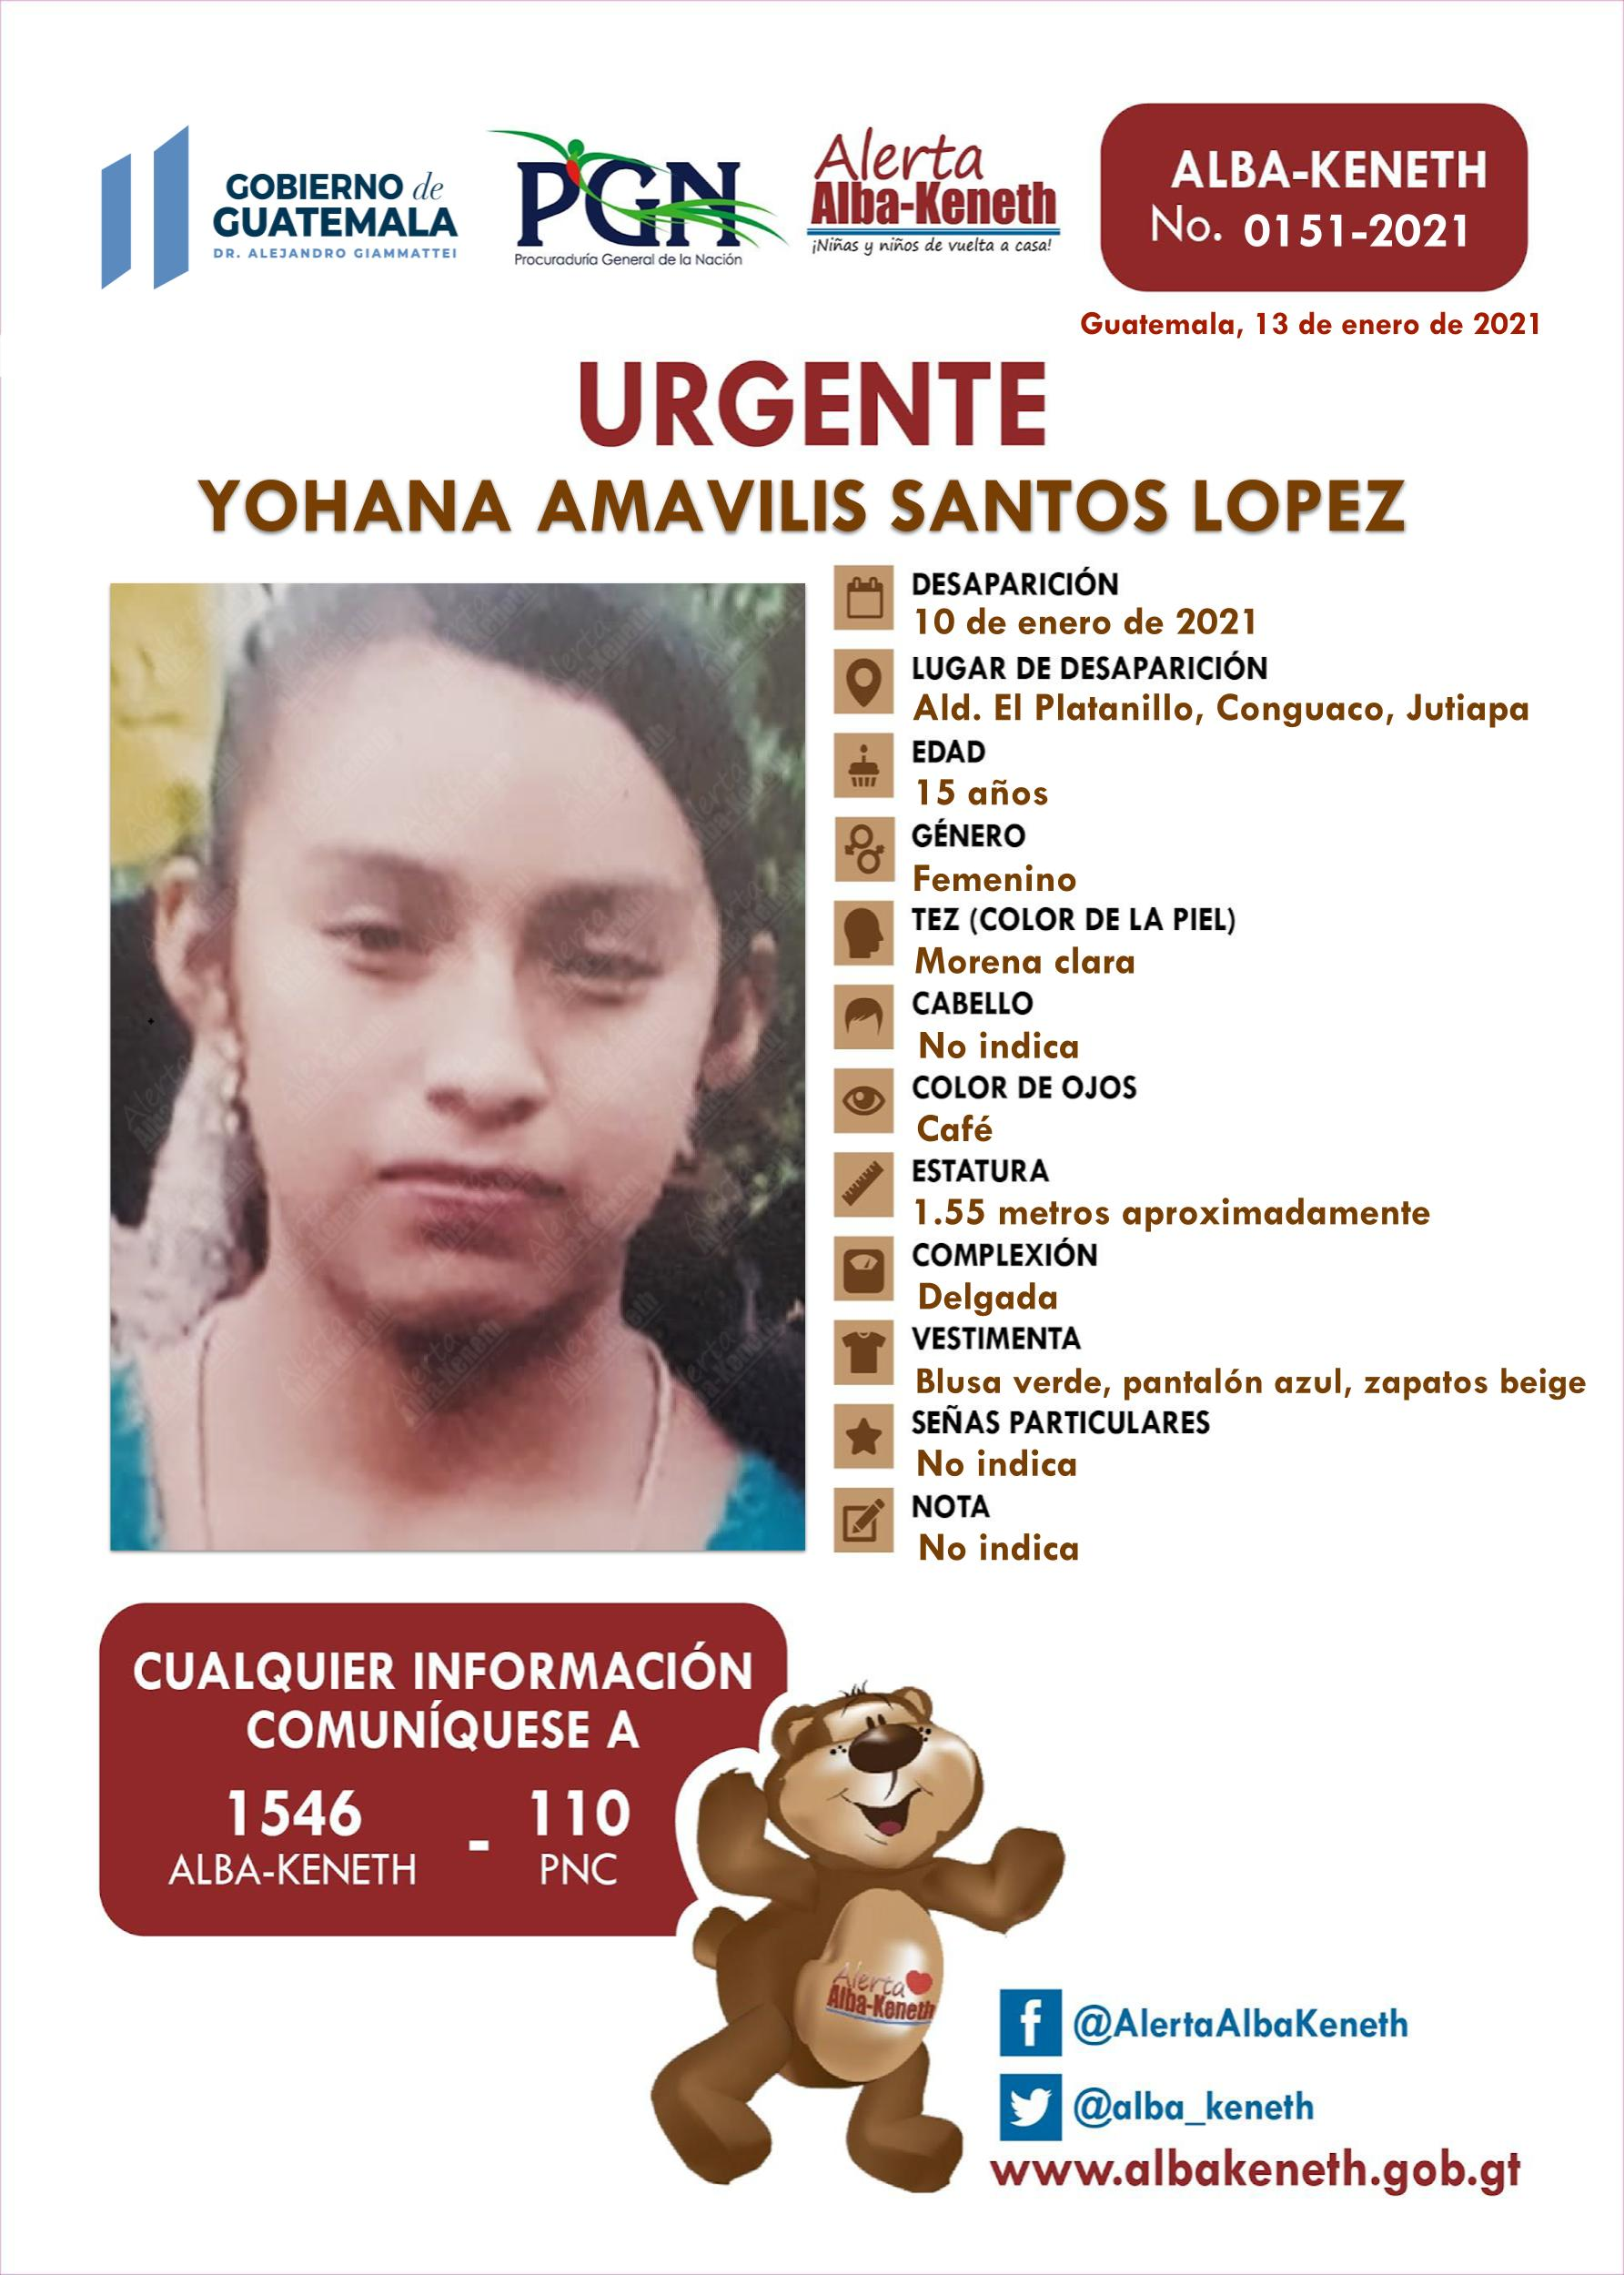 Yohana Amavilis Santos Lopez